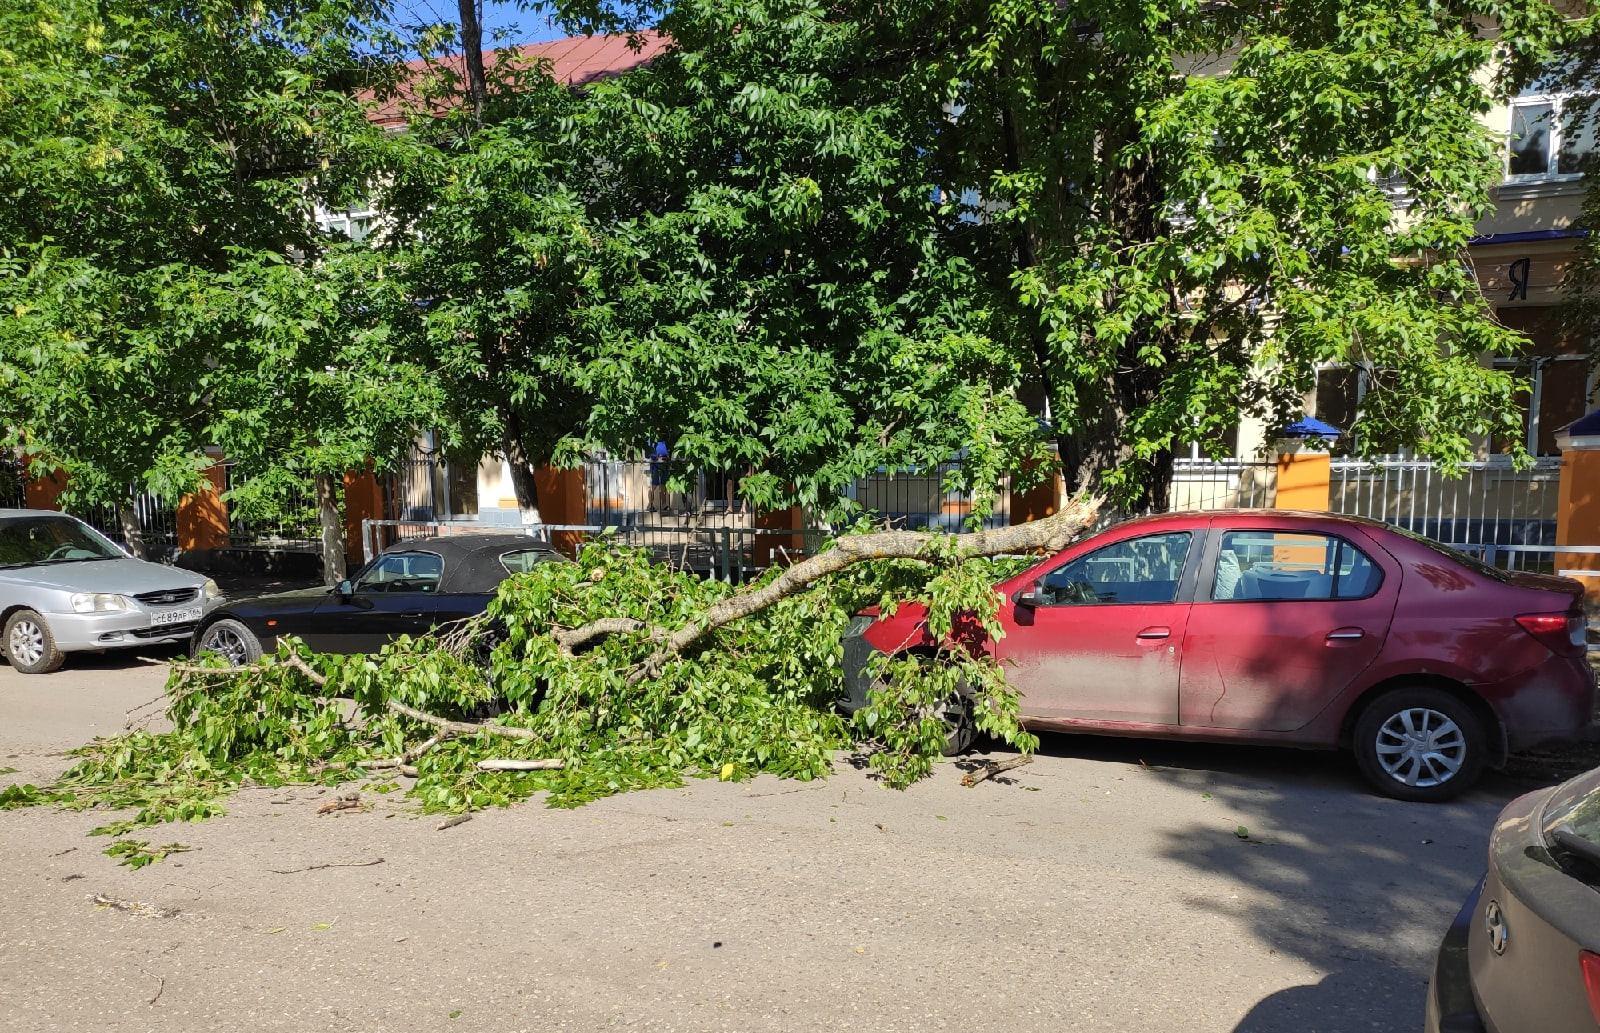 В Твери тяжелая ветка дерева рухнула на припаркованные машины - новости Афанасий